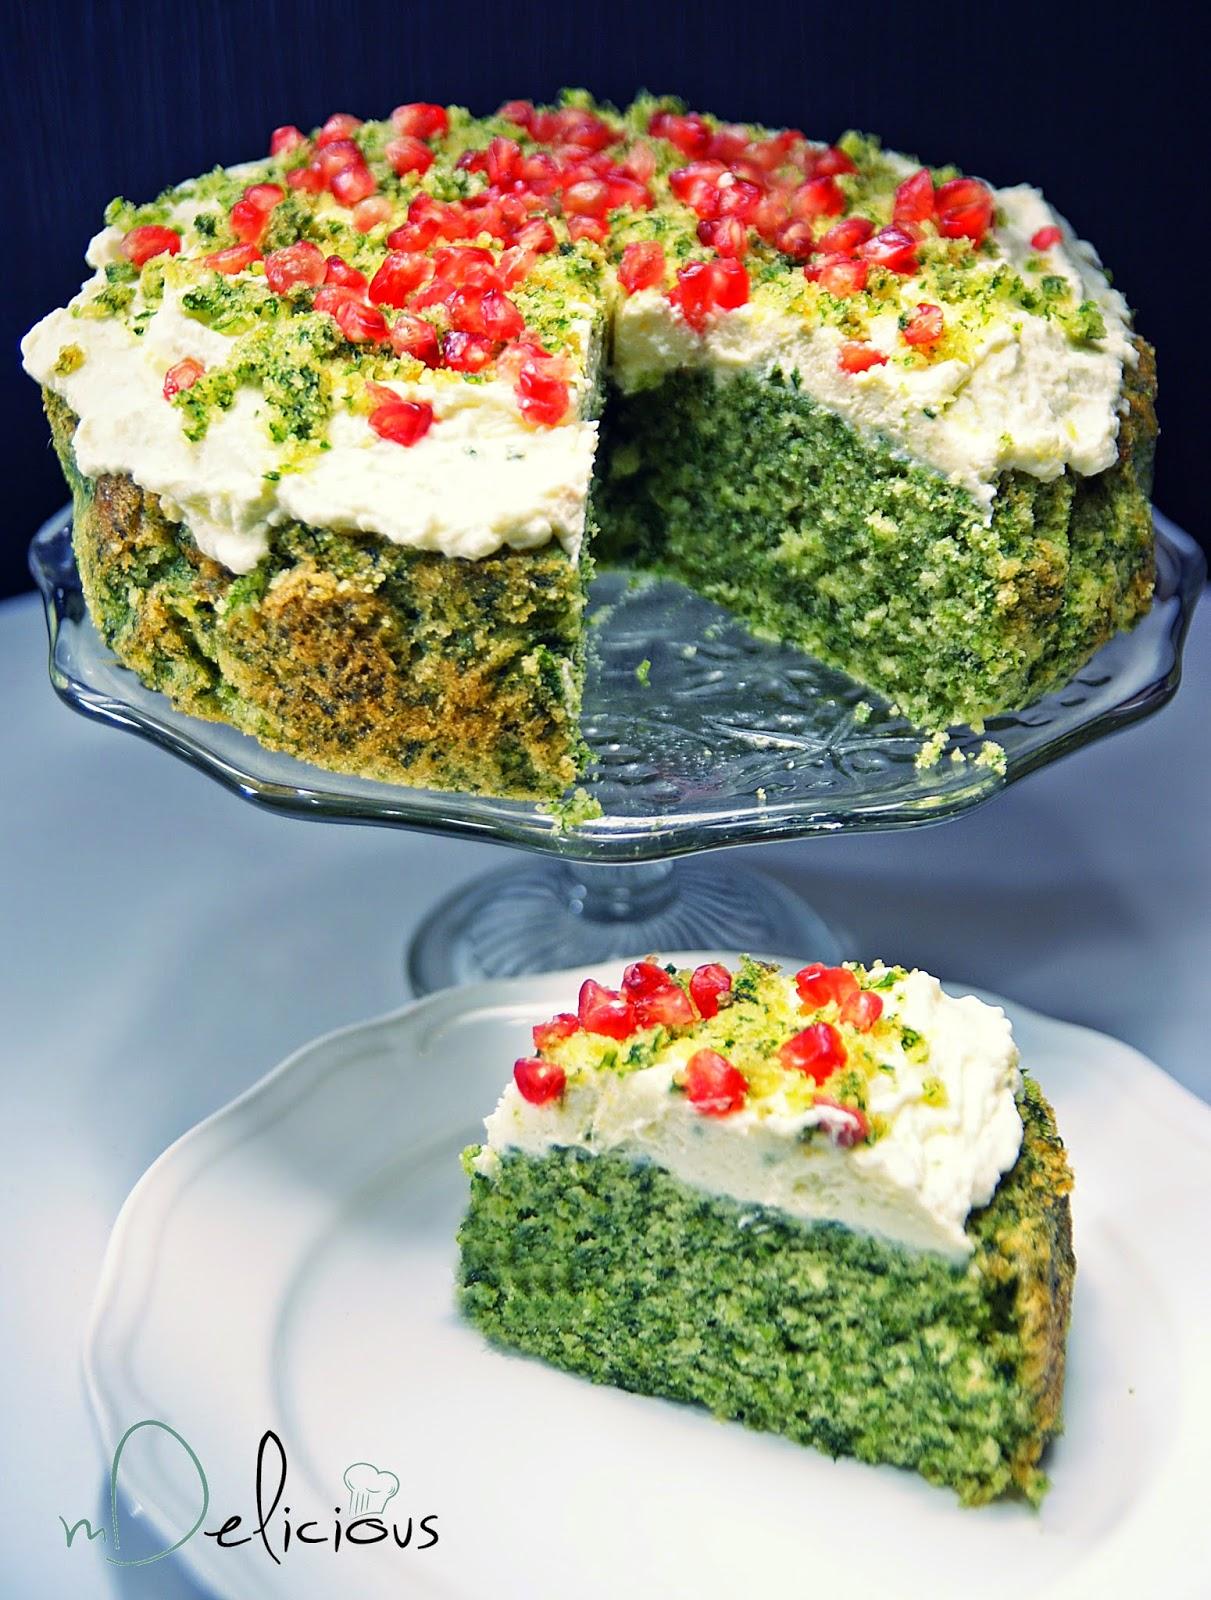 ciasto szpinakowe, ciasto ze szpinakiem, szpinak w cieście, leśny mech, ciasto szpinak przepis, przepis na ciasto ze szpinaku, przepis na ciasto ze szpinakiem